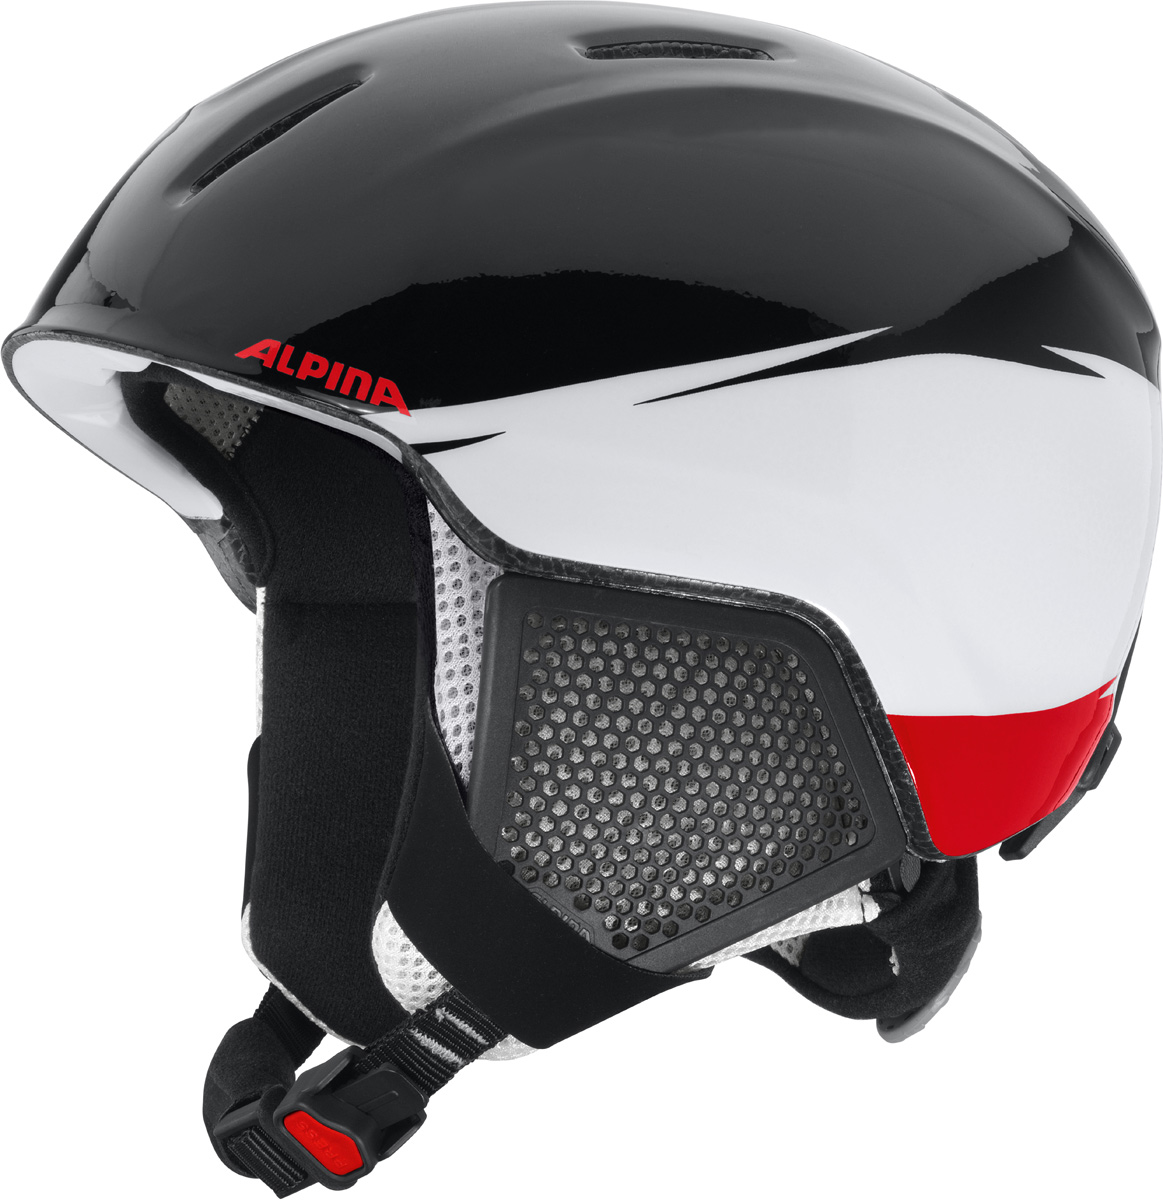 Шлем горнолыжный детский Alpina Carat LX, цвет: черный, белый, красный. A9081_50. Размер 51-55A9081_50Серия детских и подростковых шлемов Carat пополнилась моделью LX. Главным нововведением стало использование перфорации в жестких наушниках, которые по-прежнему обеспечивают высокую степень защиты, но при этом позволяют слышать все вокруг.Вентиляционные отверстия препятствуют перегреву и позволяют поддерживать идеальную температуру внутри шлема. Для этого инженеры Alpina используют эффект Вентури, чтобы сделать циркуляцию воздуха постоянной и максимально эффективной.Внутренник шлема легко вынимается, стирается, сушится и вставляется обратно.Из задней части шлема можно достать шейный утеплитель из мягкого микро-флиса. Этот теплый воротник также защищает шею от ударов на высокой скорости и при сибирских морозах. В удобной конструкции отсутствуют точки давления на шею.Прочная и легкая конструкция In-mold. Тонкая и прочная поликарбонатная оболочка под воздействием высокой температуры и давления буквально сплавляется с гранулами EPS, которые гасят ударную нагрузку.Внутренняя оболочка каждого шлема Alpina состоит из гранул HI-EPS (сильно вспененного полистирола). Микроскопические воздушные карманы эффективно поглощают ударную нагрузку и обеспечивают высокую теплоизоляцию. Эта технология позволяет достичь минимальной толщины оболочки. А так как гранулы HI-EPS не впитывают влагу, их защитный эффект не ослабевает со временем.Удобная и точная система регулировки Run System Ergo Snow позволяет быстро и комфортно подогнать шлем по голове, без создания отдельных точек избыточного давления.Y-образный ремнераспределитель двух ремешков находится под ухом и обеспечивает быструю и точную посадку шлема на голове.Вместо фастекса на ремешке используется красная кнопка с автоматическим запирающим механизмом, которую легко использовать даже в лыжных перчатках. Механизм защищён от произвольного раскрытия при падении.